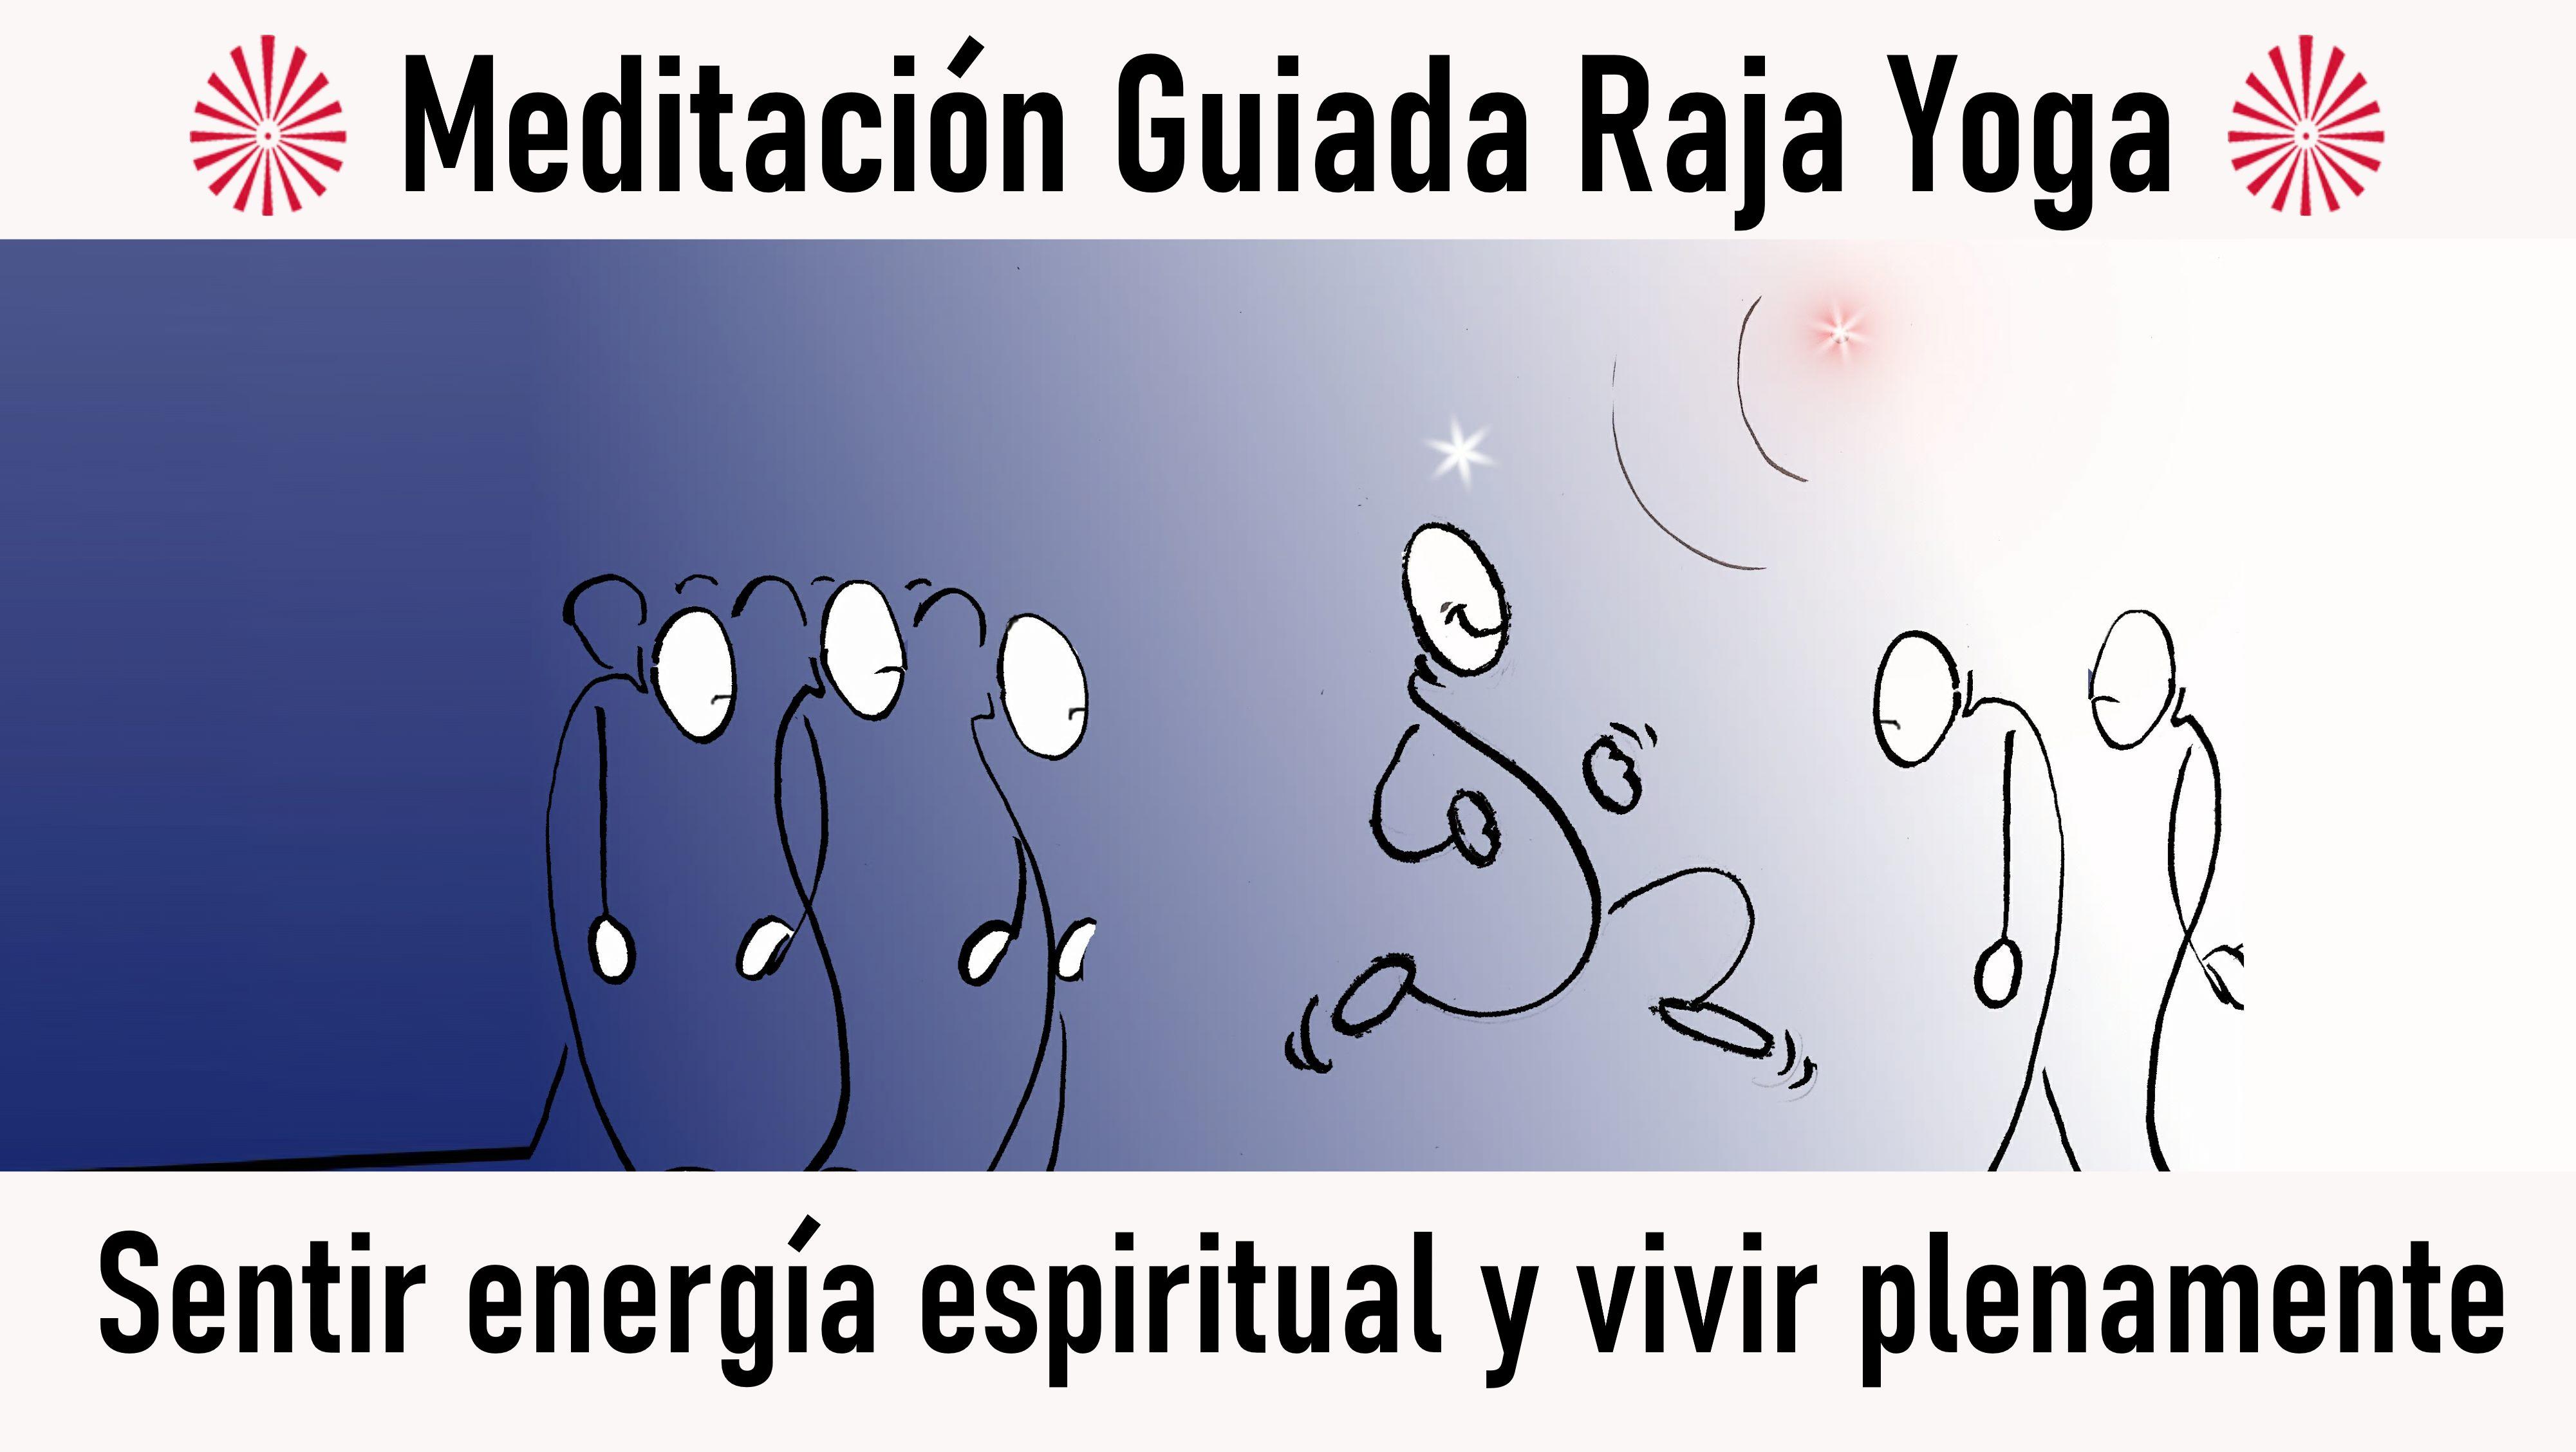 Meditación Raja Yoga: Sentir energía espiritual y vivir plenamente (17 Octubre 2020) On-line desde Valencia